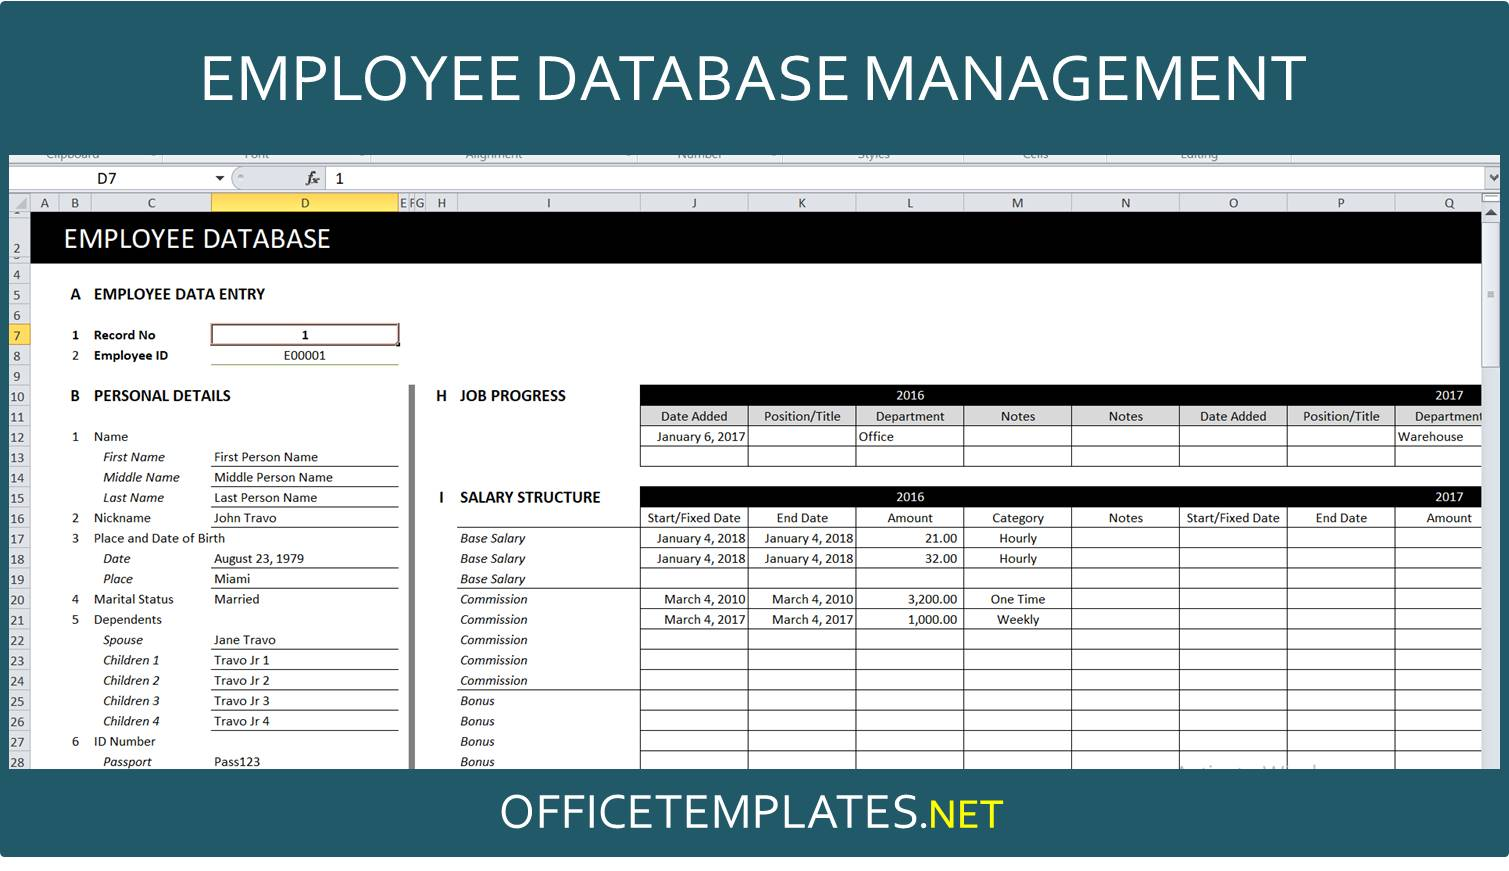 Employee Database Management Spreadsheet Officetemplates Net